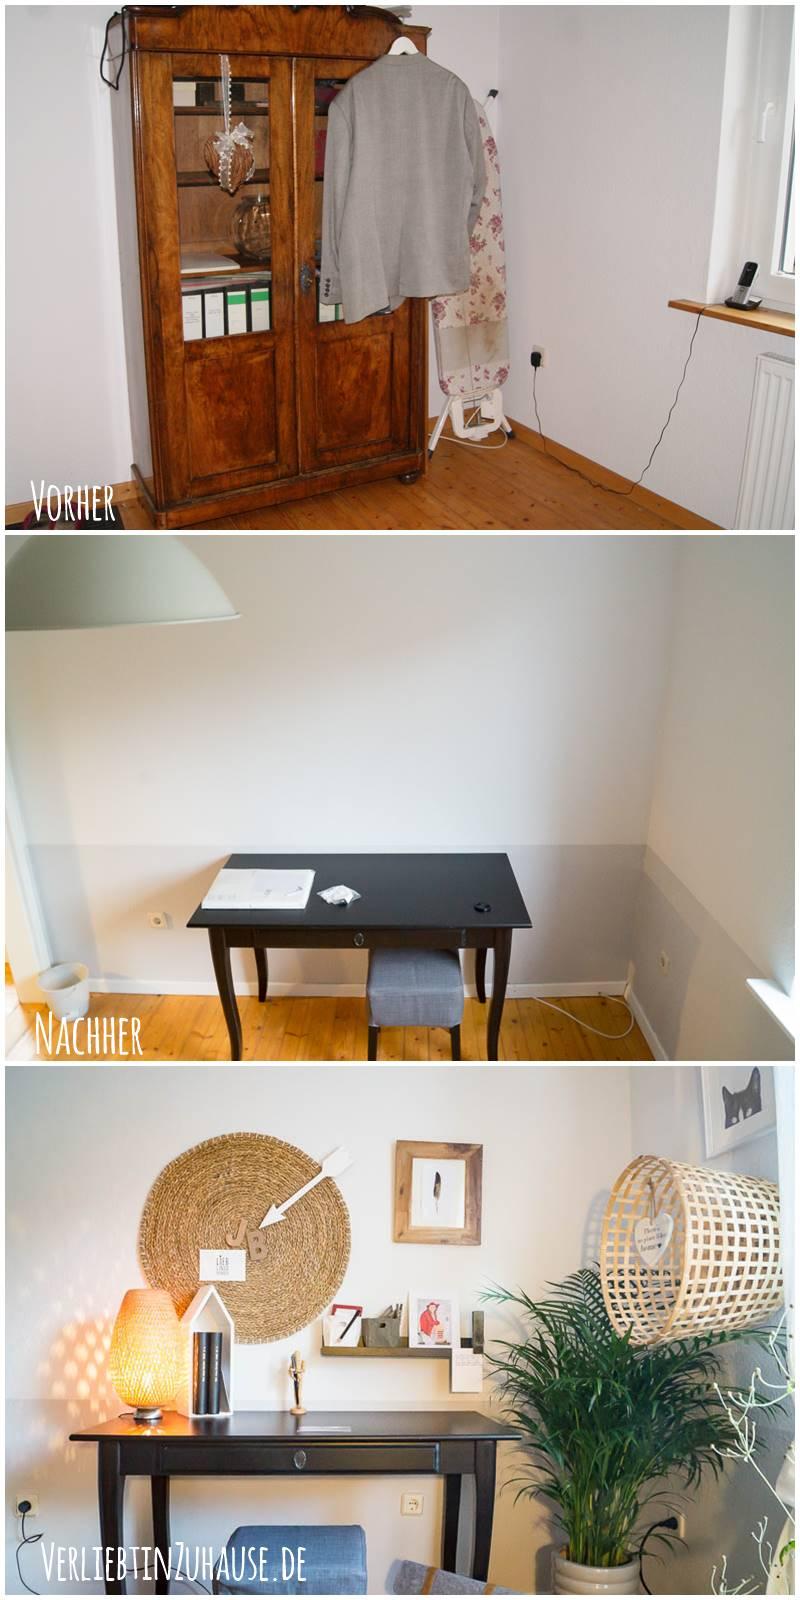 Verliebt in Zuhause! ♥: Wie ich ein Zimmer renovieren und neu ...